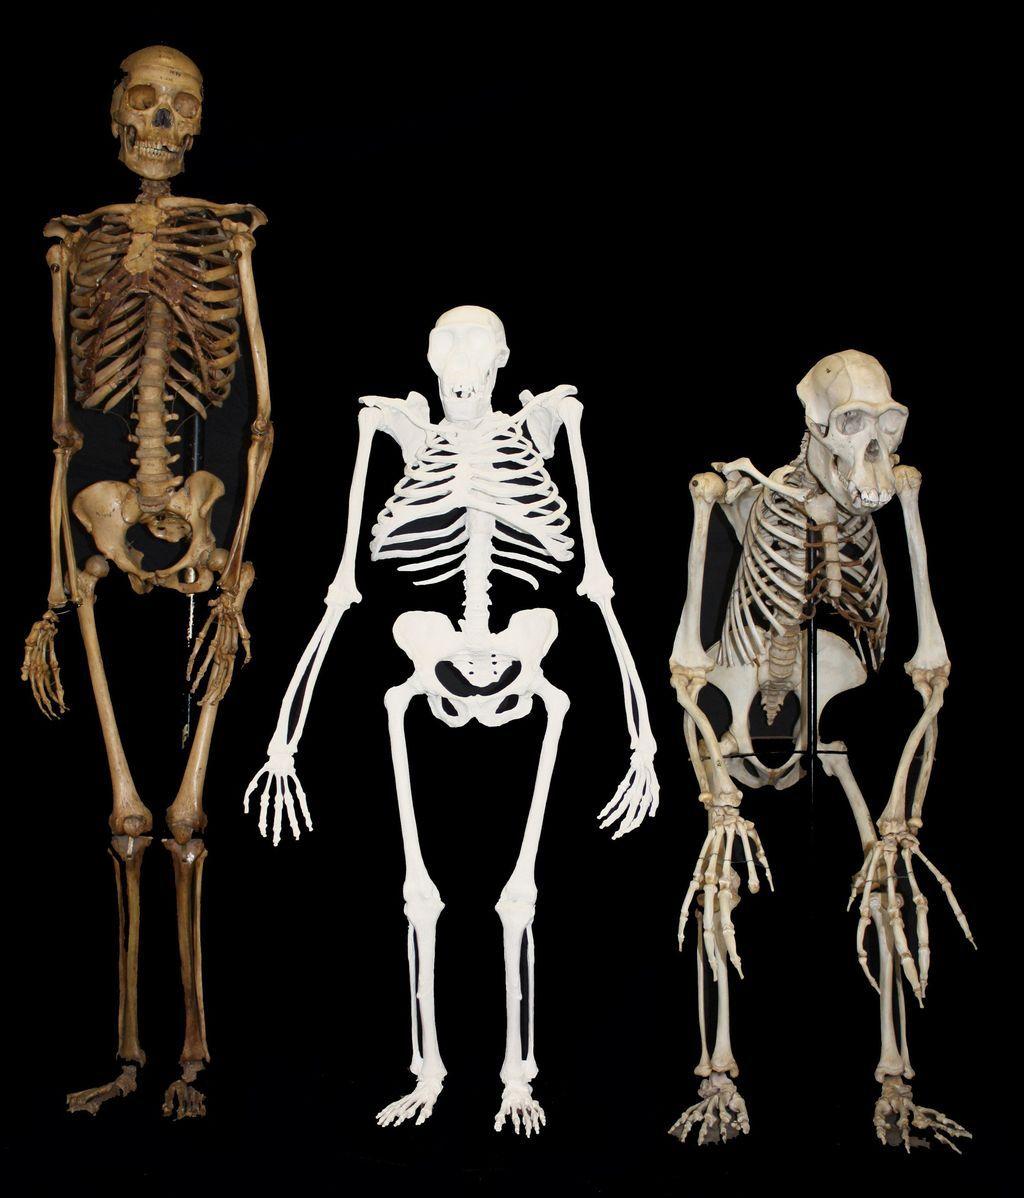 Una mujer moderna, un Australopithecus sediba y un chimpancé macho.